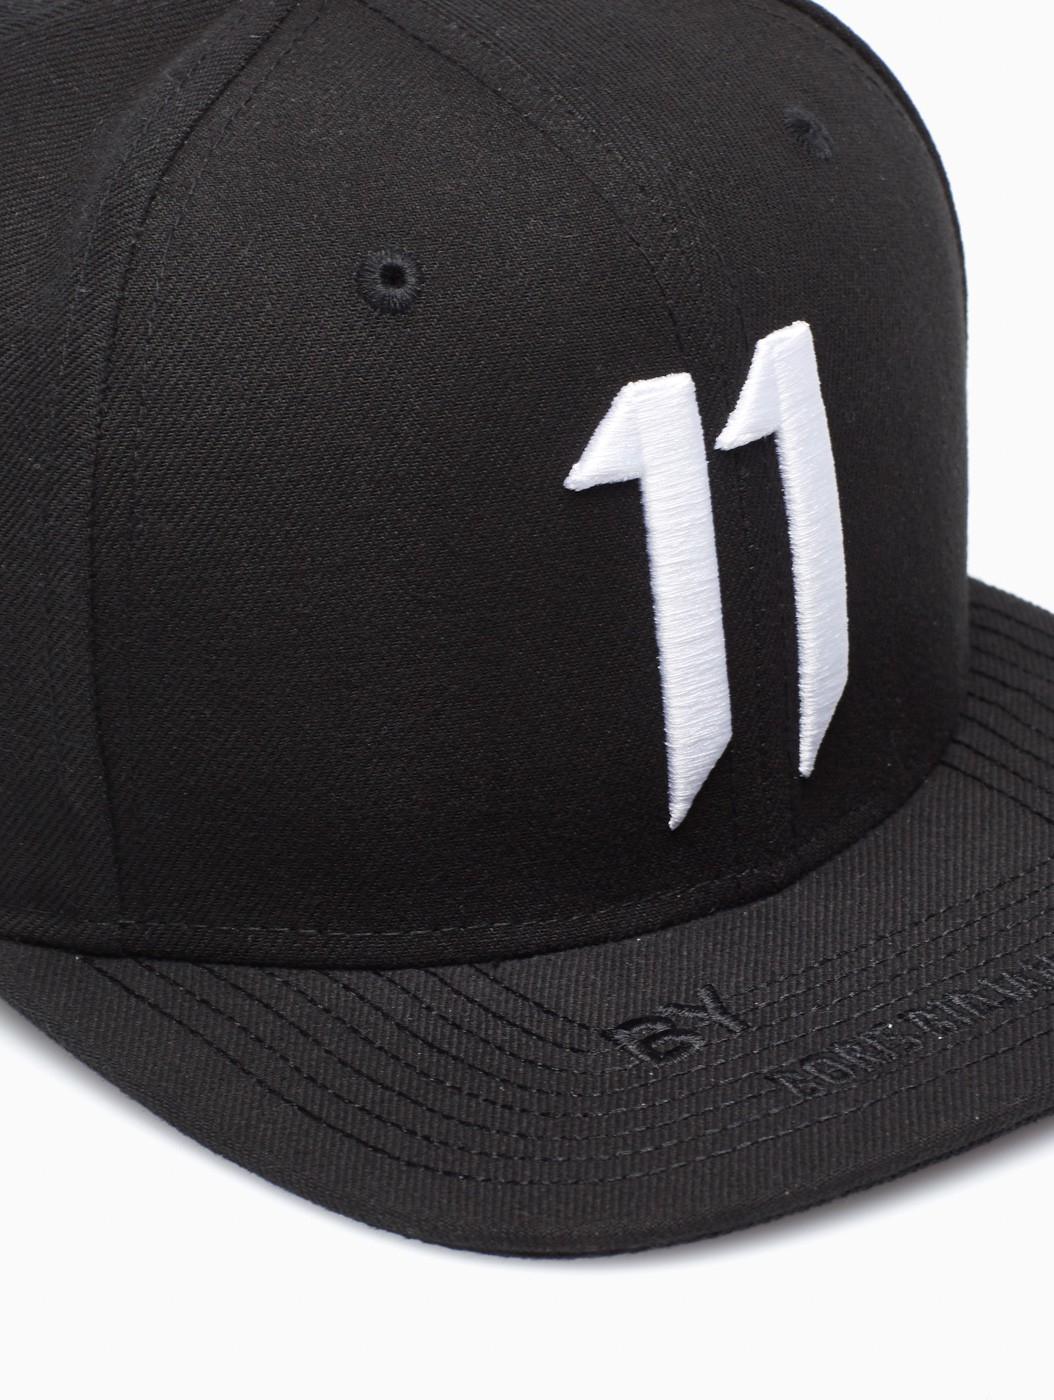 Lyst - Boris Bidjan Saberi 11 Cap in Black for Men cdb855a2bfe